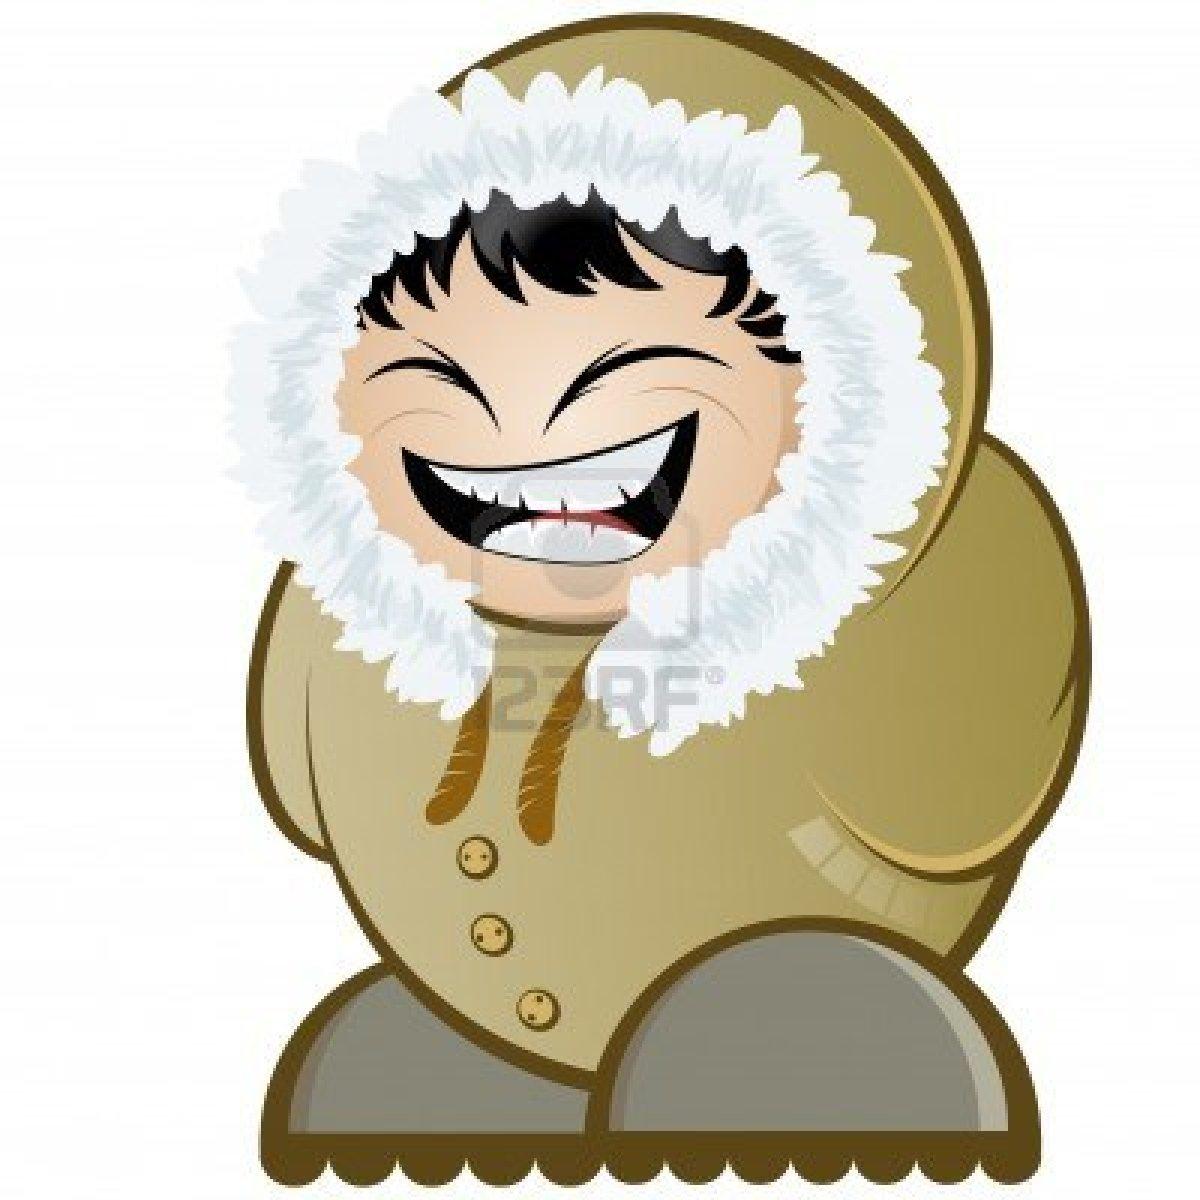 Eskimo clipart cute cartoon Funny via  eskimo image